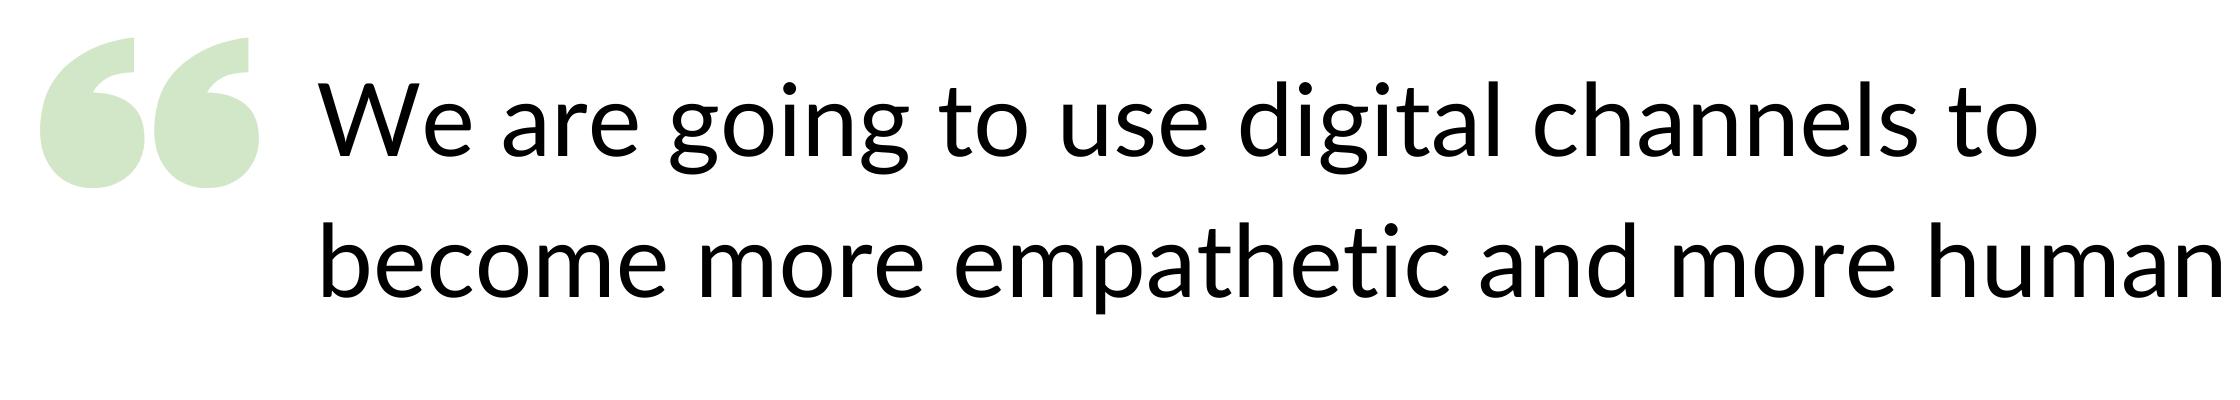 Empathy through digital channels